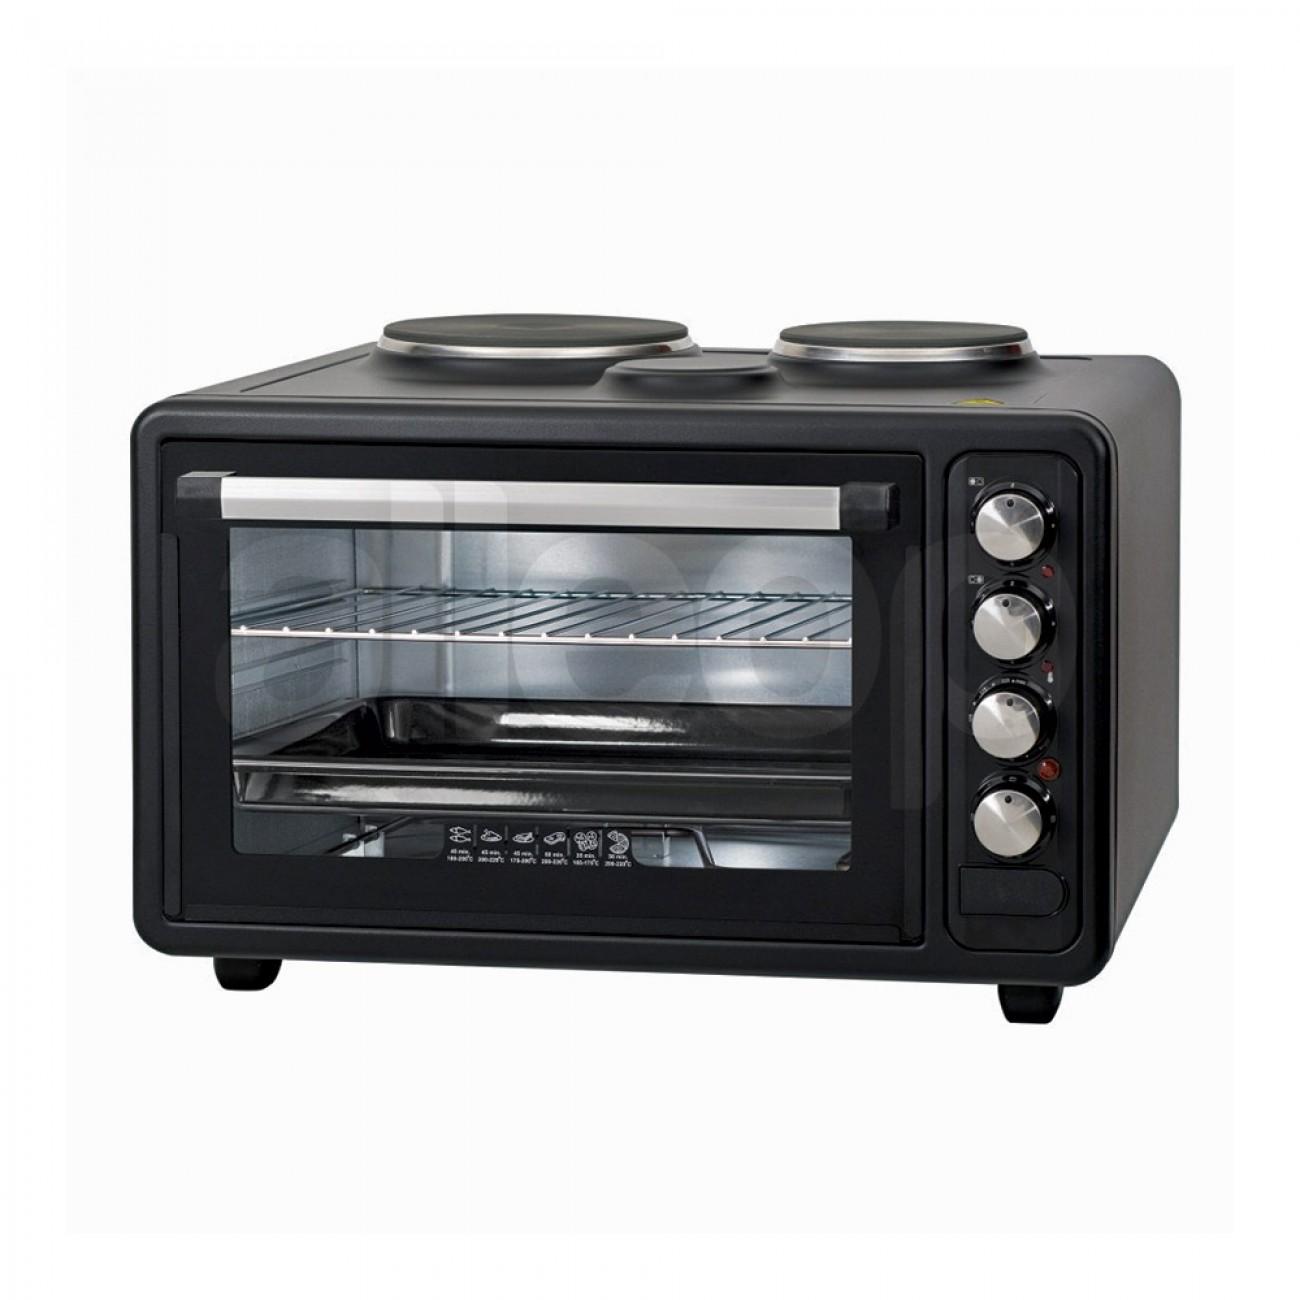 Готварска печка с два котлона ZEPHYR ZP 1441 M40, 40 литра, 3800W, 3 степени на мощност, Черен в  -  | Alleop